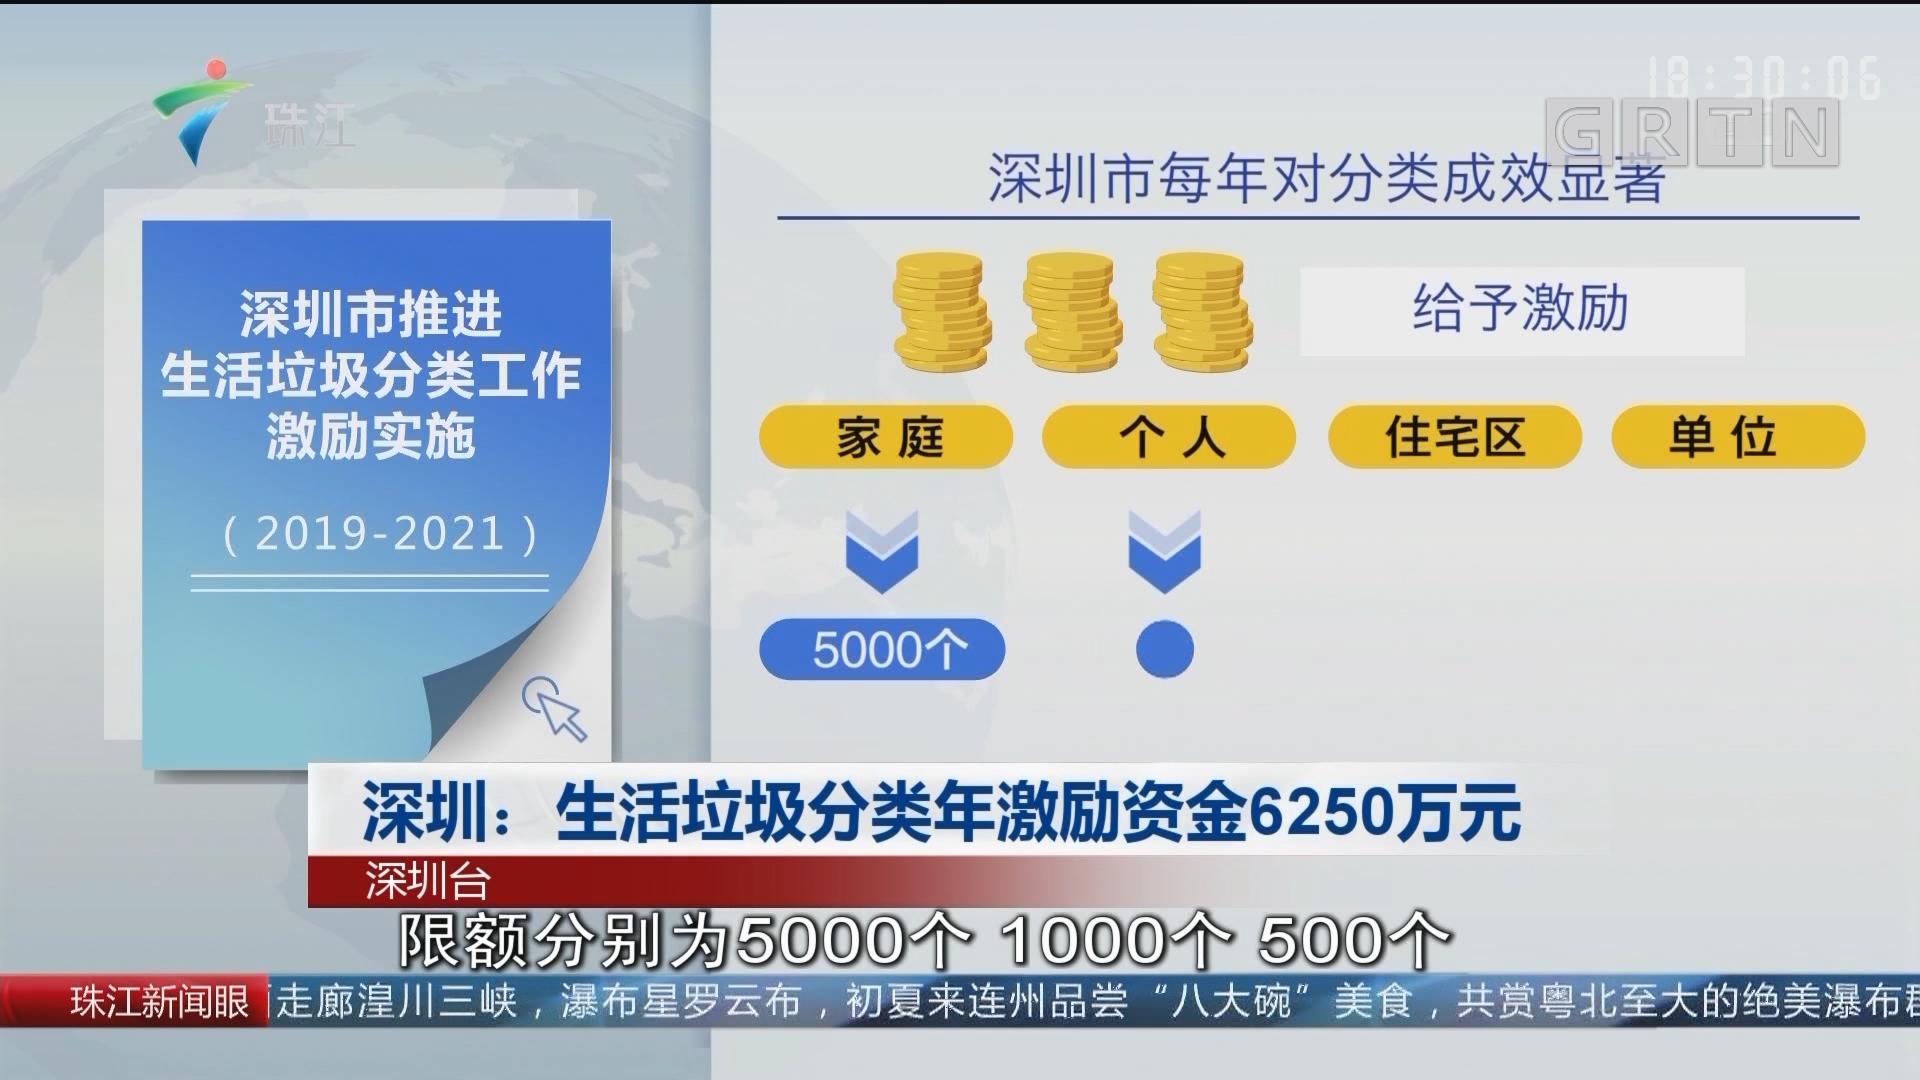 深圳:生活垃圾分类年激励?#24335;?250万元